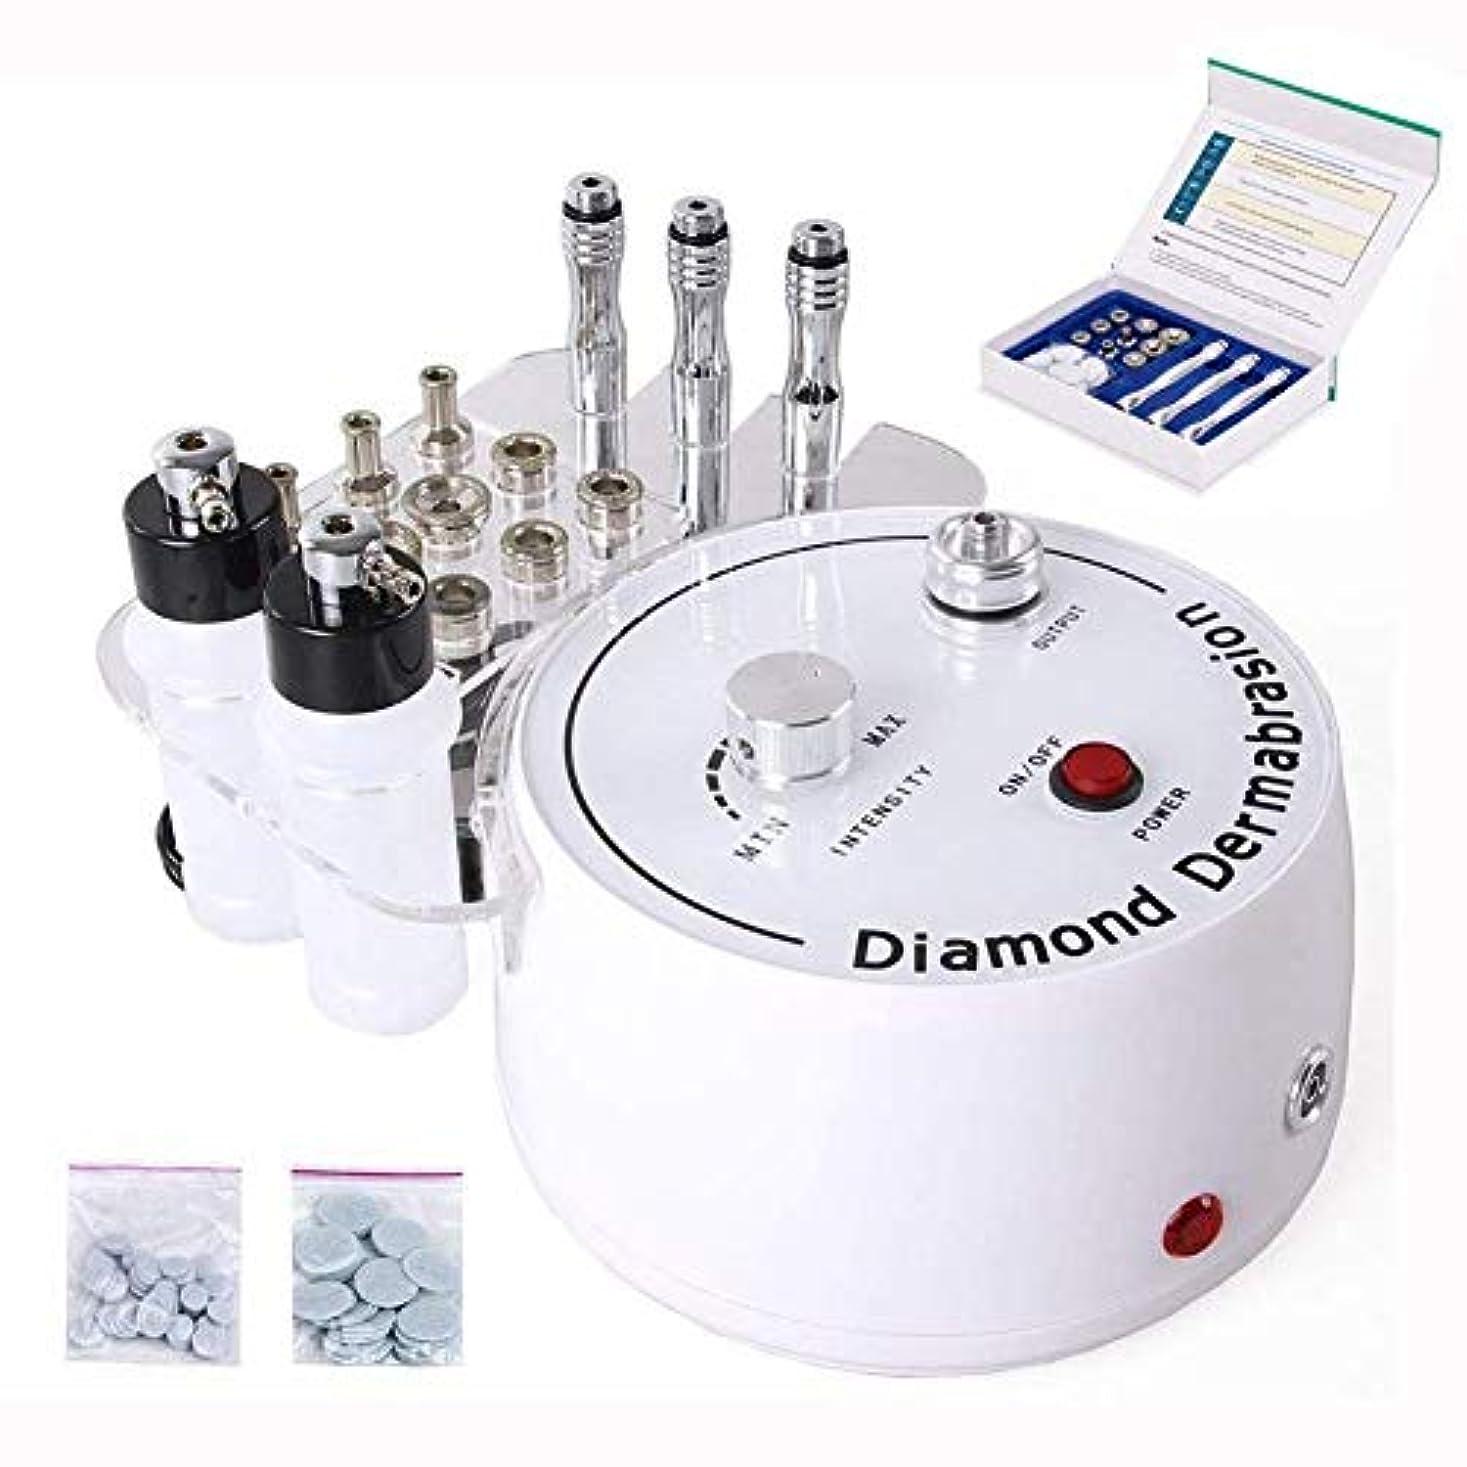 ヒギンズアサート疎外ダイヤモンドマイクロダーマブレーション皮膚剥離機、ピーリング美容機しわフェイスピーリングマシン、専門の皮膚剥離装置肌用美容機器を引き締め若返りリフティングピーリング